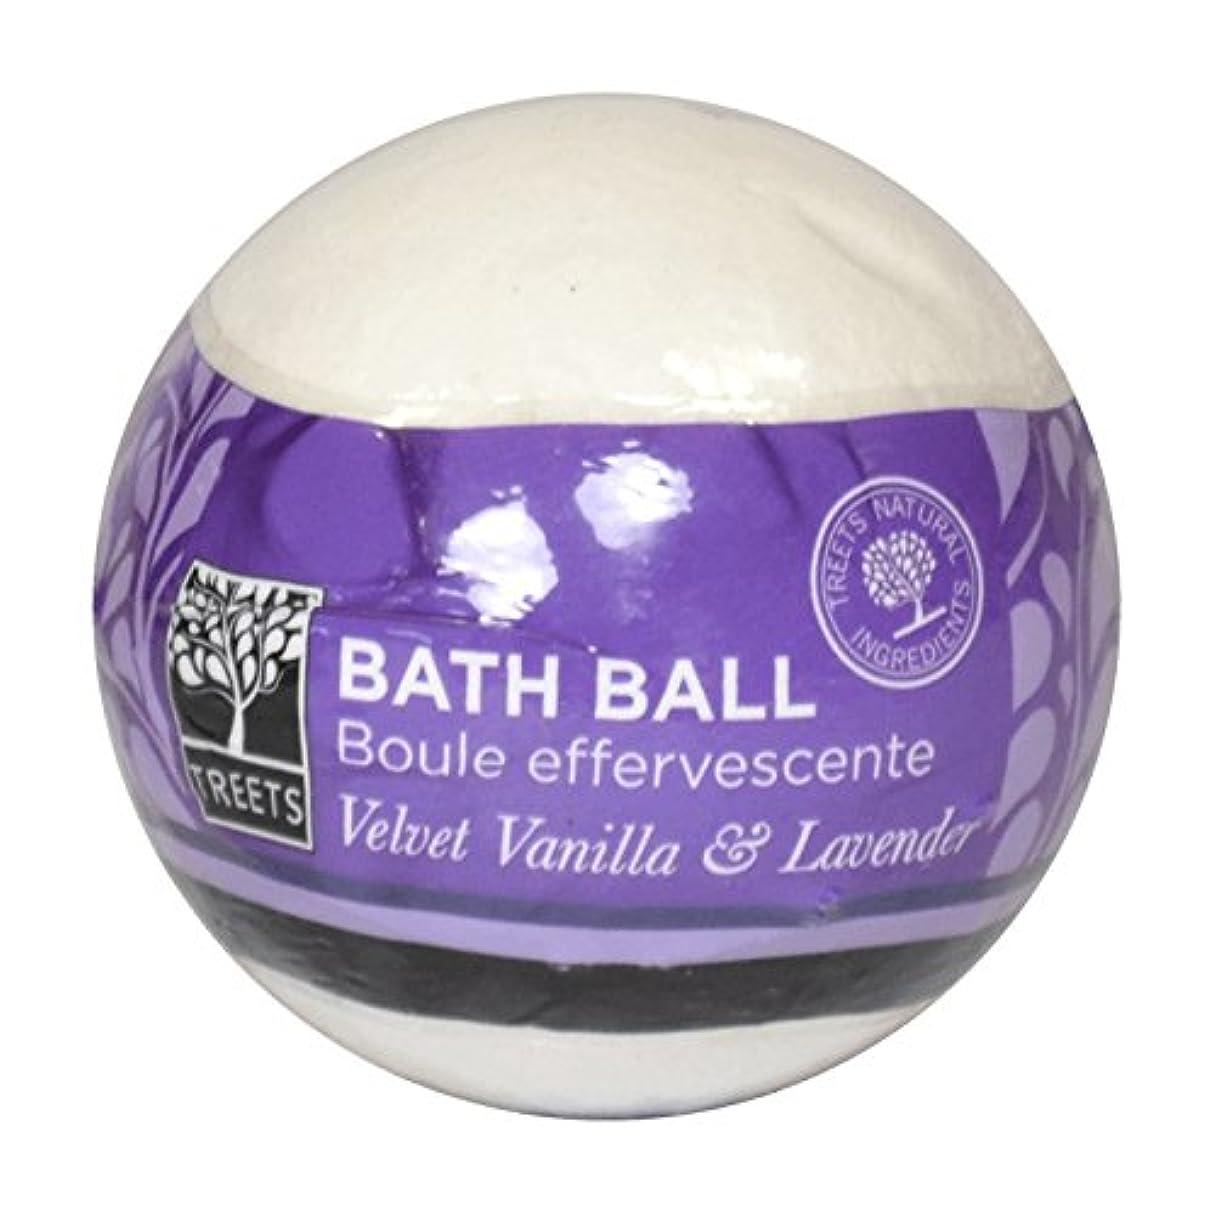 前書きメッセージメダリストTreetsベルベットのバニラ&ラベンダーバスボール - Treets Velvet Vanilla & Lavender Bath Ball (Treets) [並行輸入品]